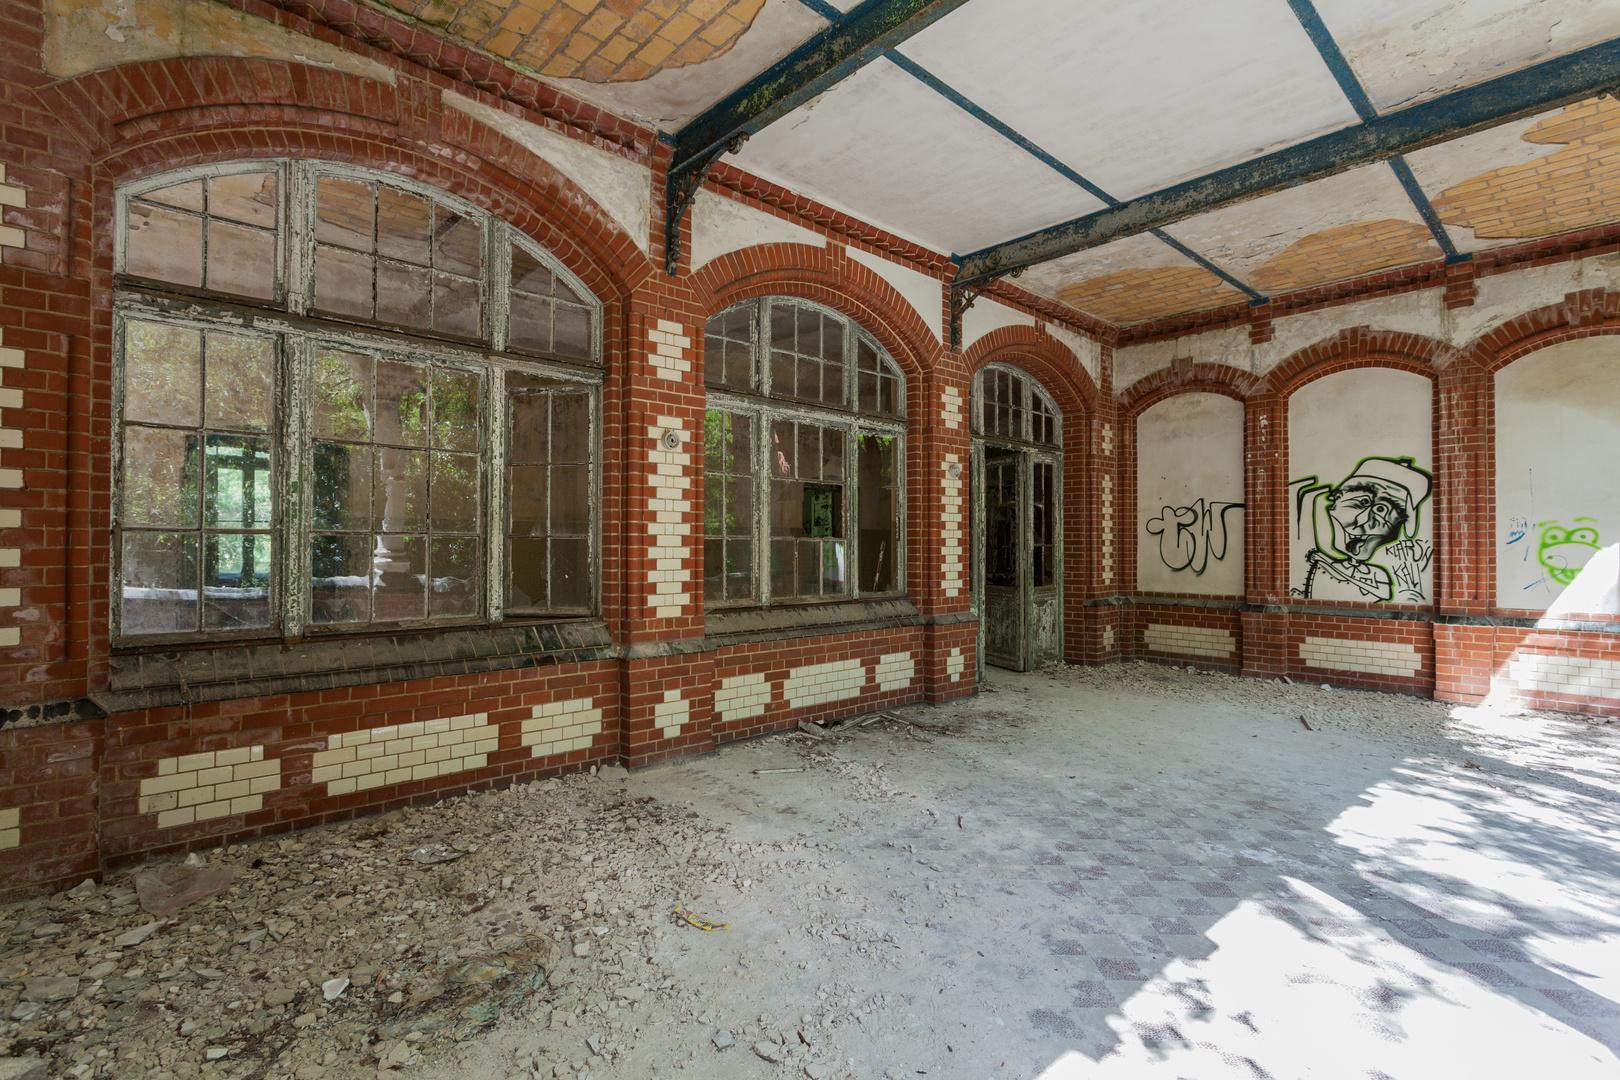 Beelitz Heilstätten - Frauensanatorium (15)